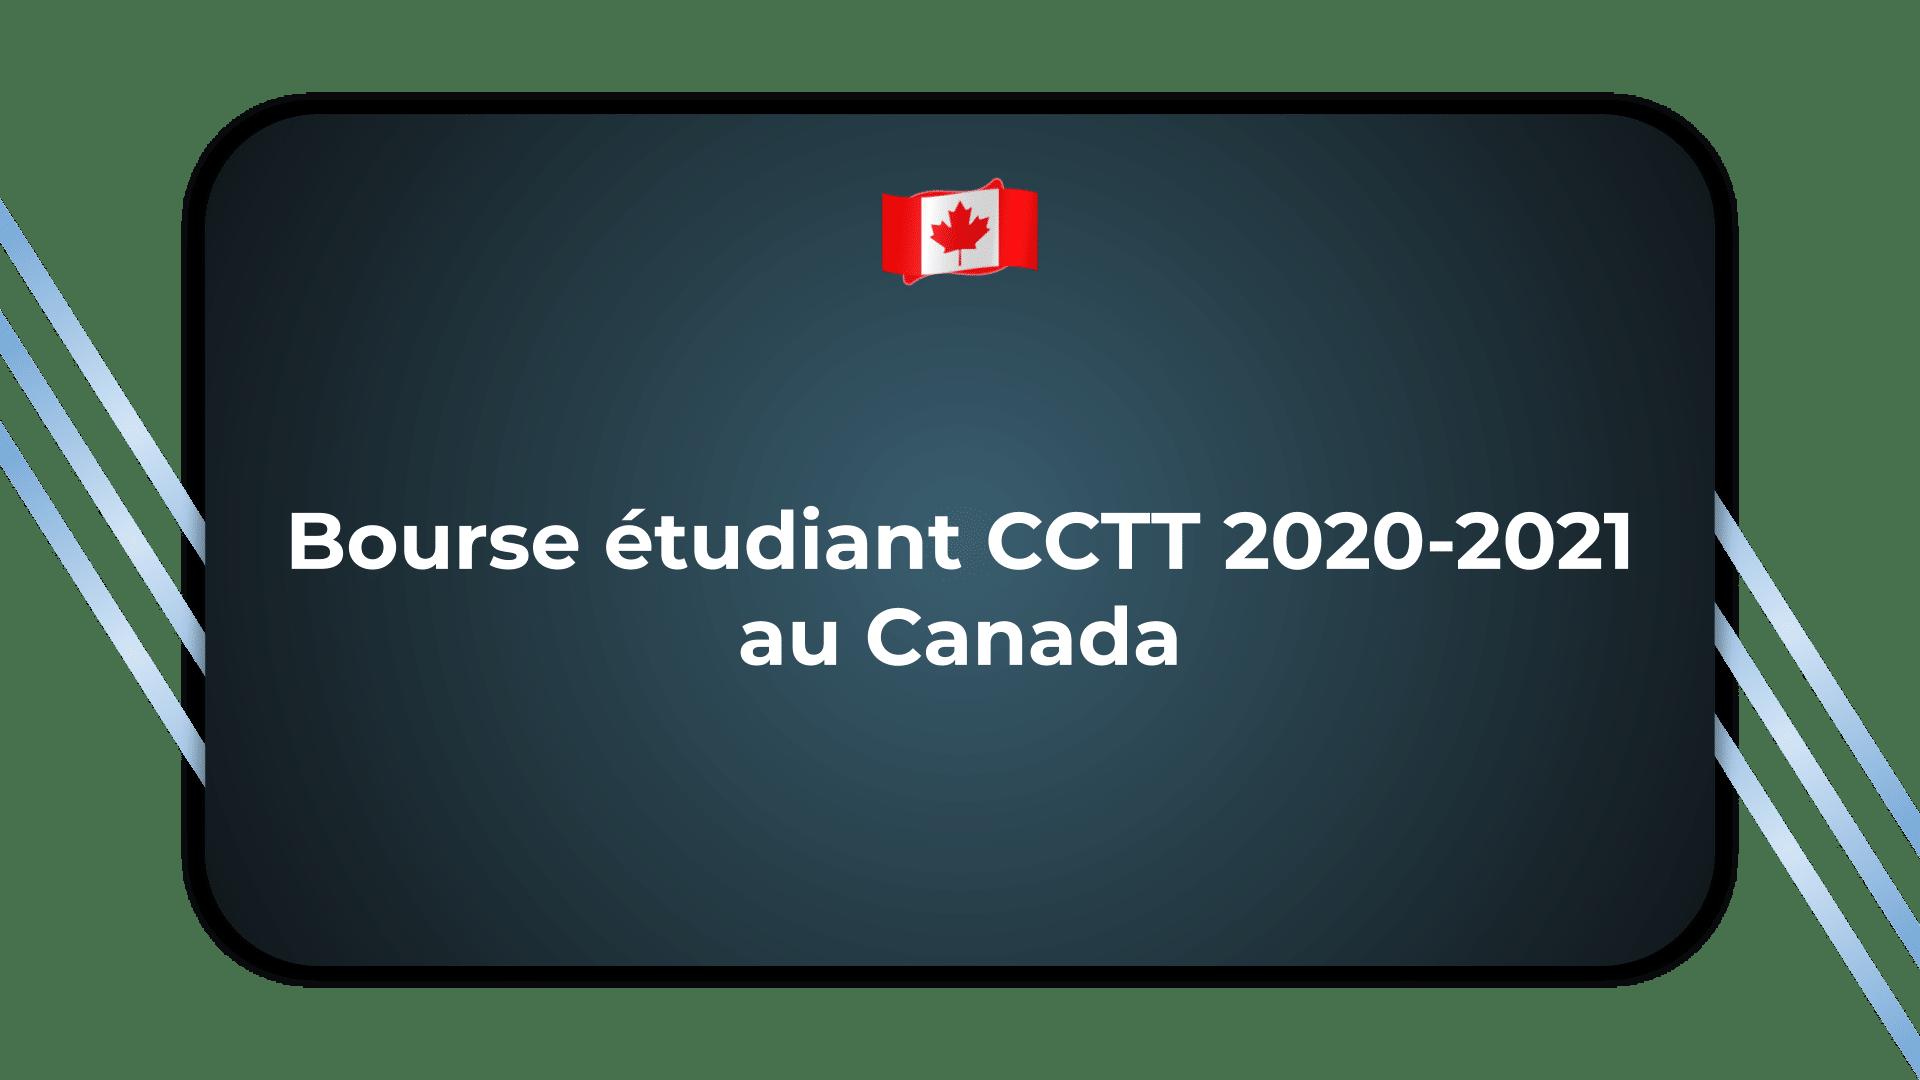 Bourse étudiant CCTT